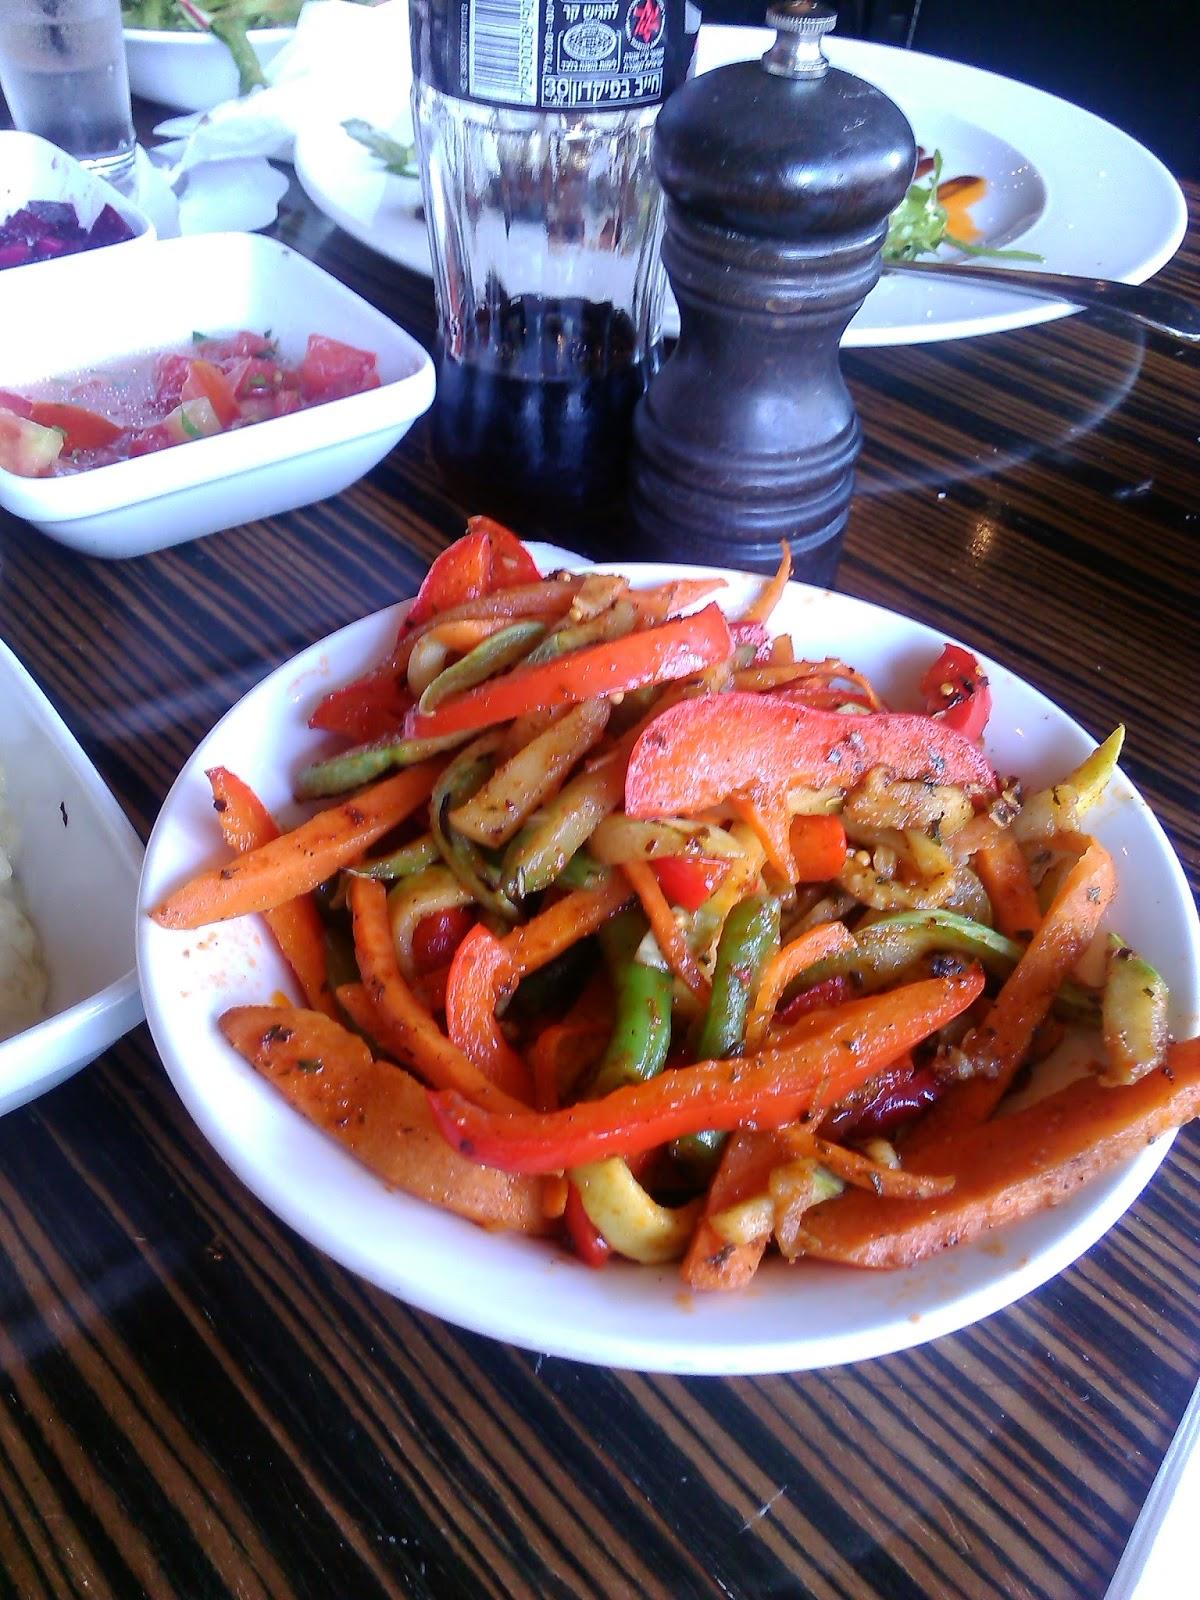 ירקות מוקפצים- לא טעים בכלל